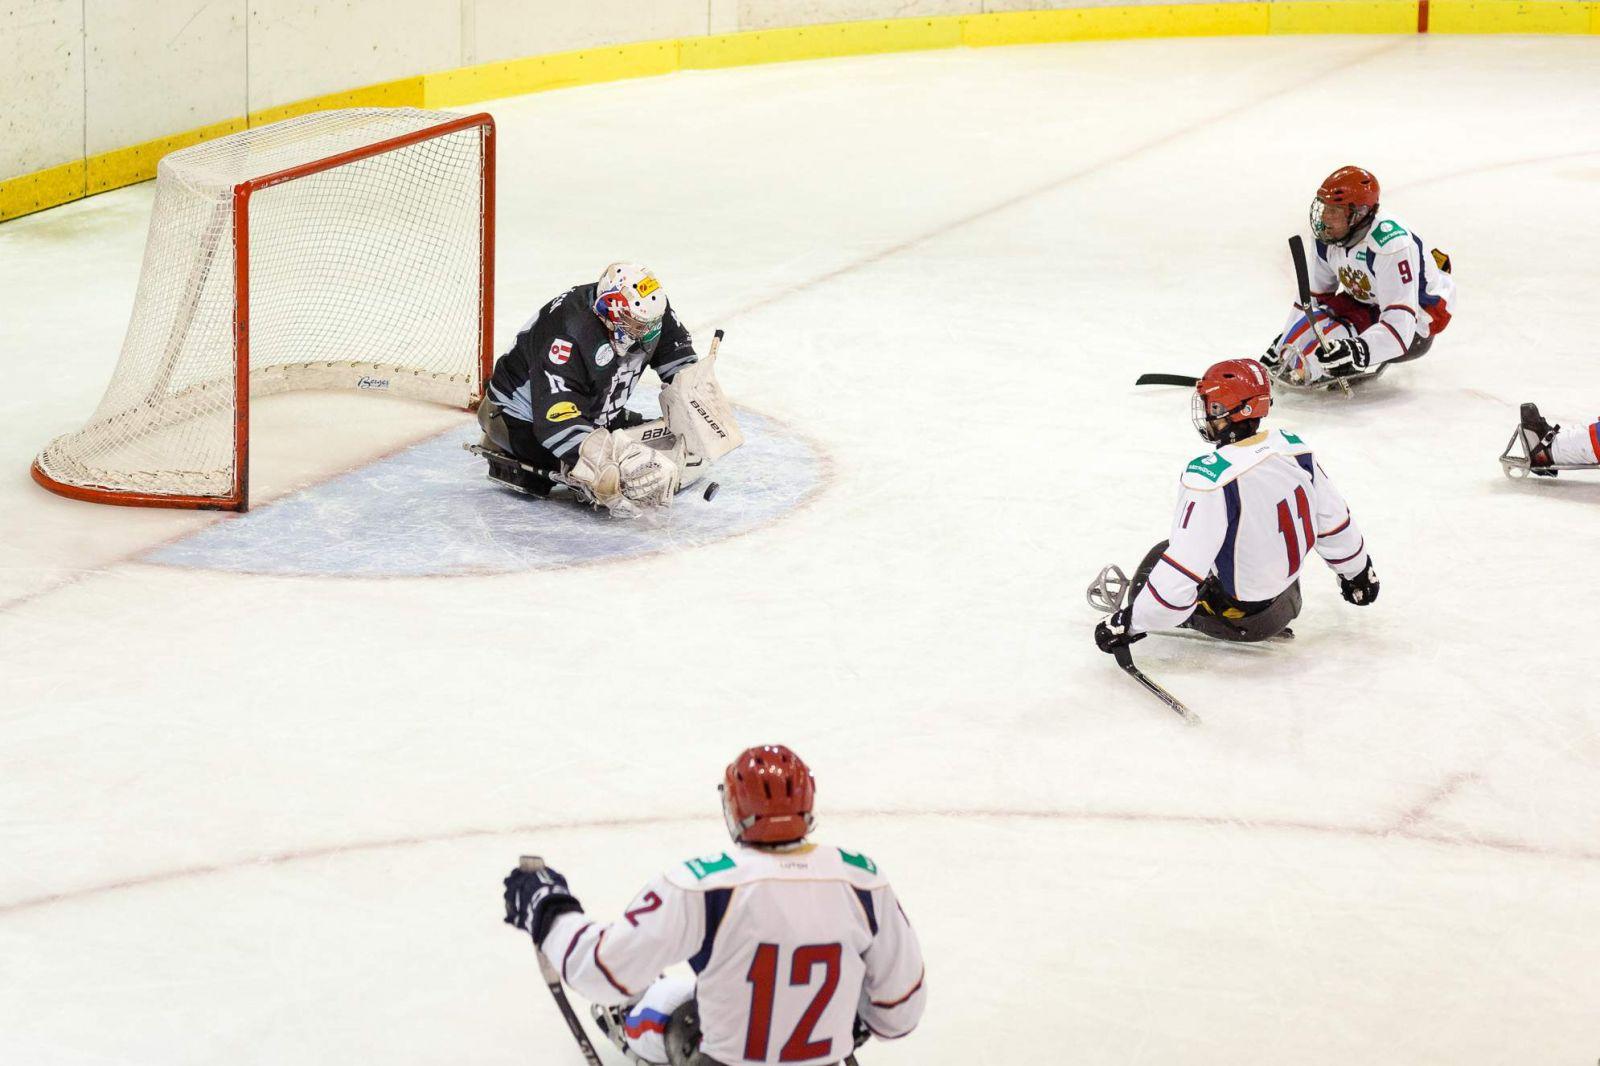 Российские следж-хоккеисты выиграли крупный международный турнир в Чехии, забросив соперникам 80 шайб и не пропустив ни одной